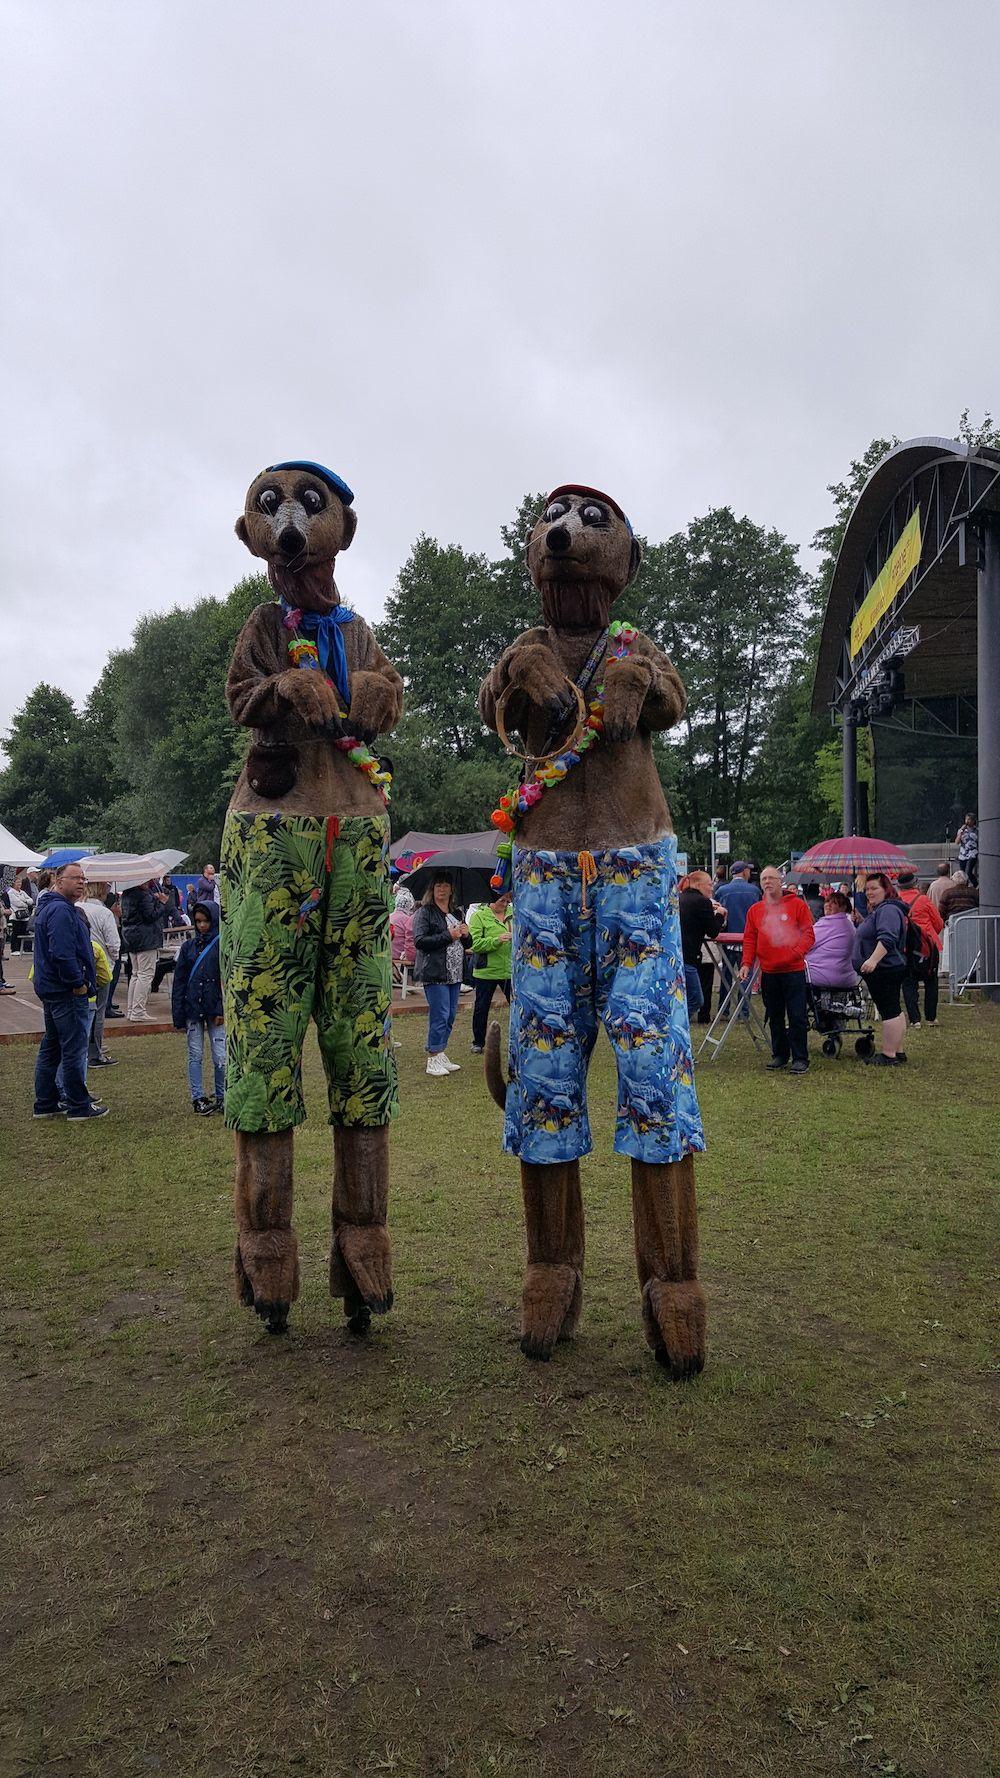 Unsere Erdboys sind mal wieder unterwegs. Diesmal in Schorfheide auf dem Flösserfest. Mit ihrem Schabernack sorgen sie für Freude und Begeisterung.